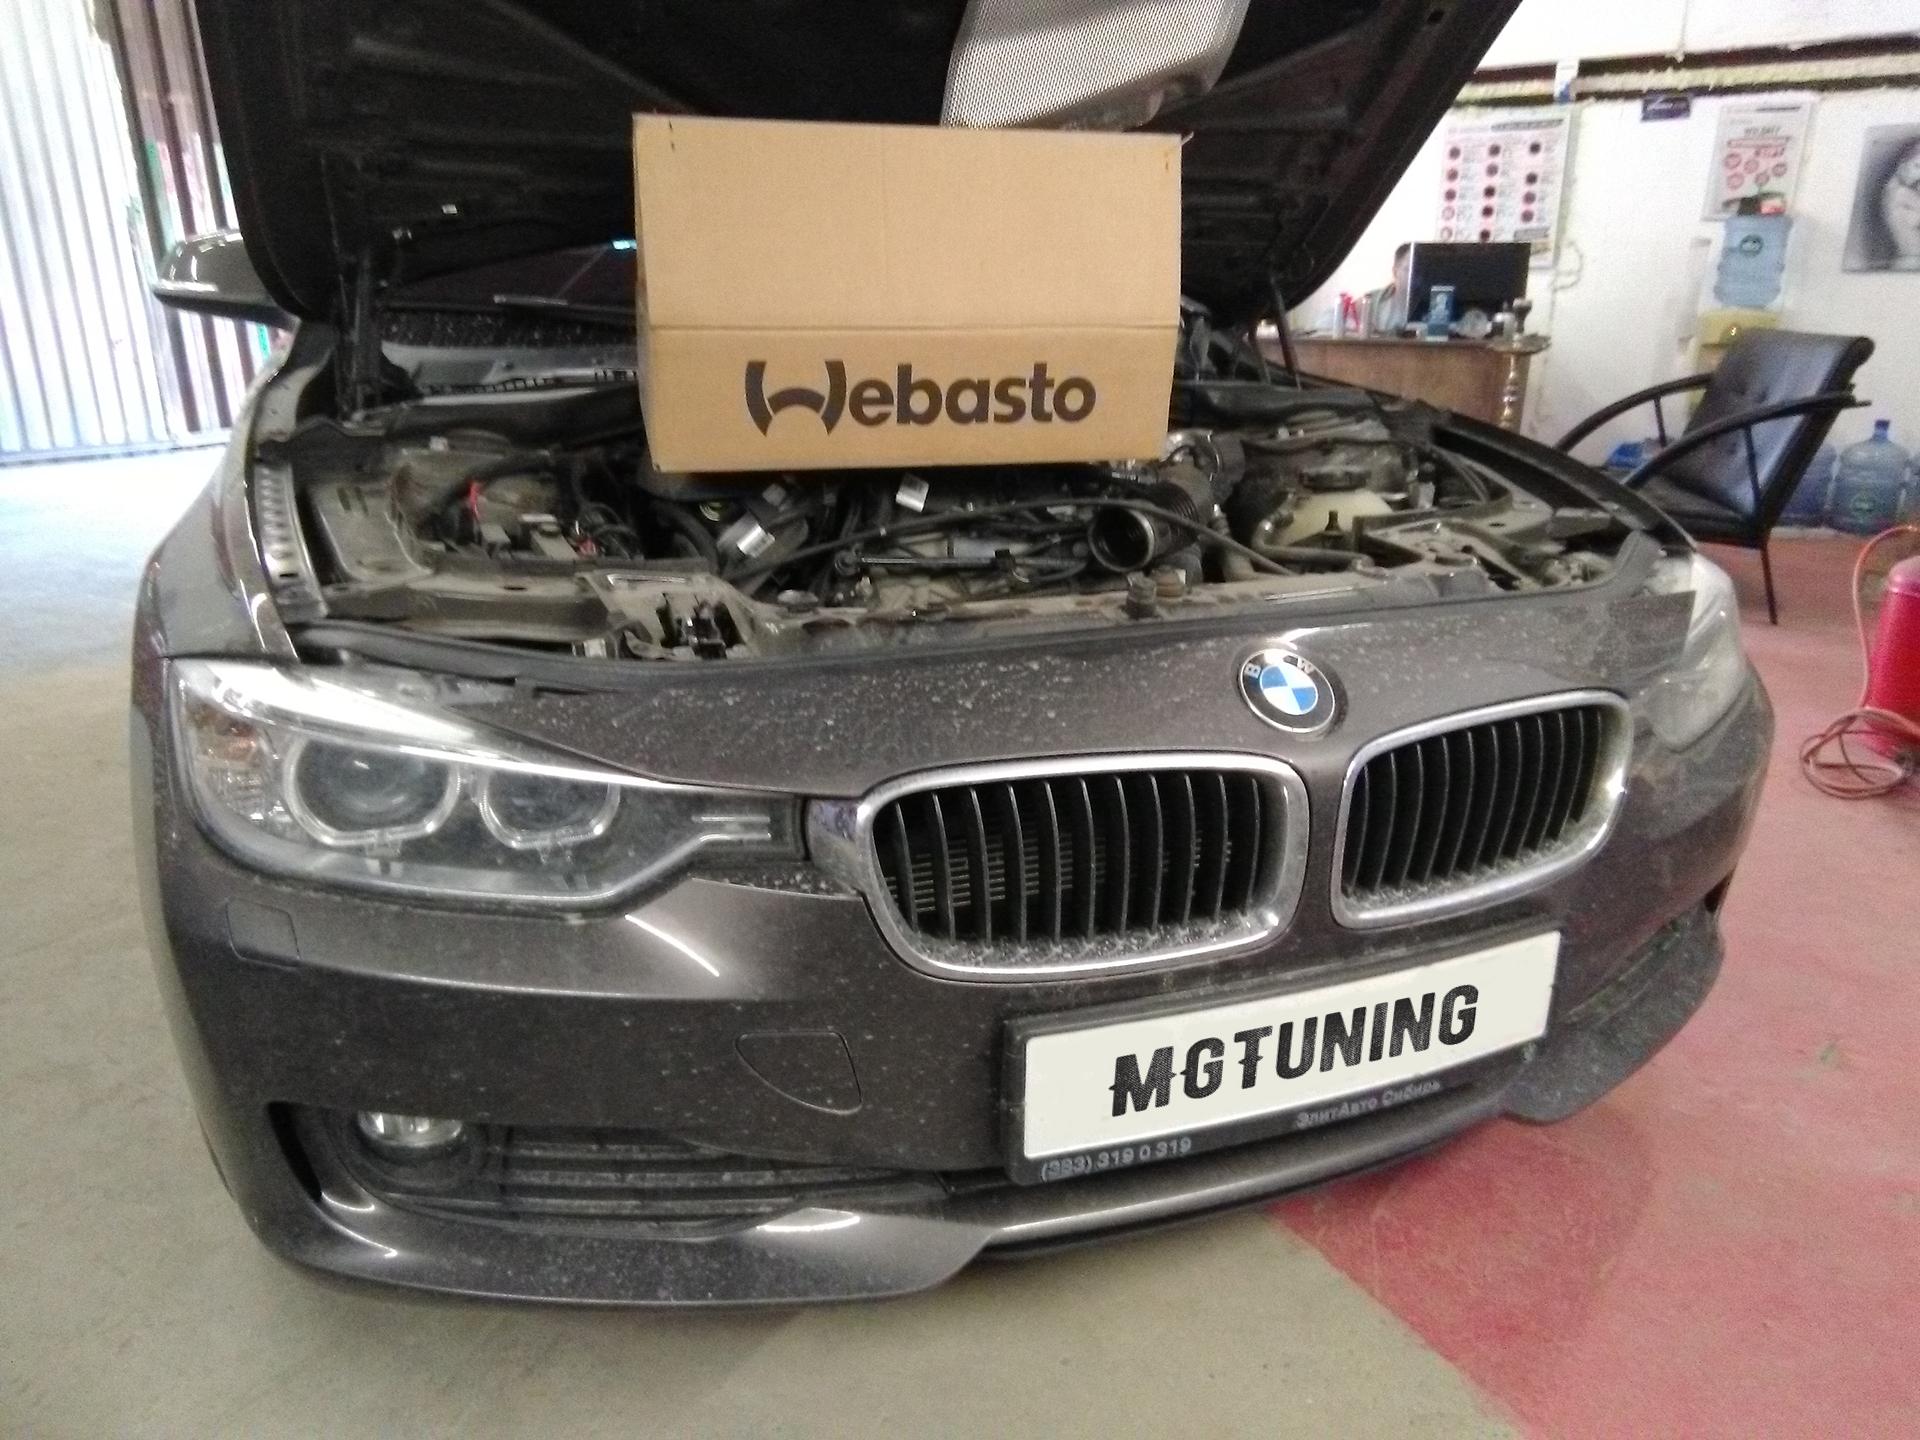 Установка Webasto на BMW 316i F30